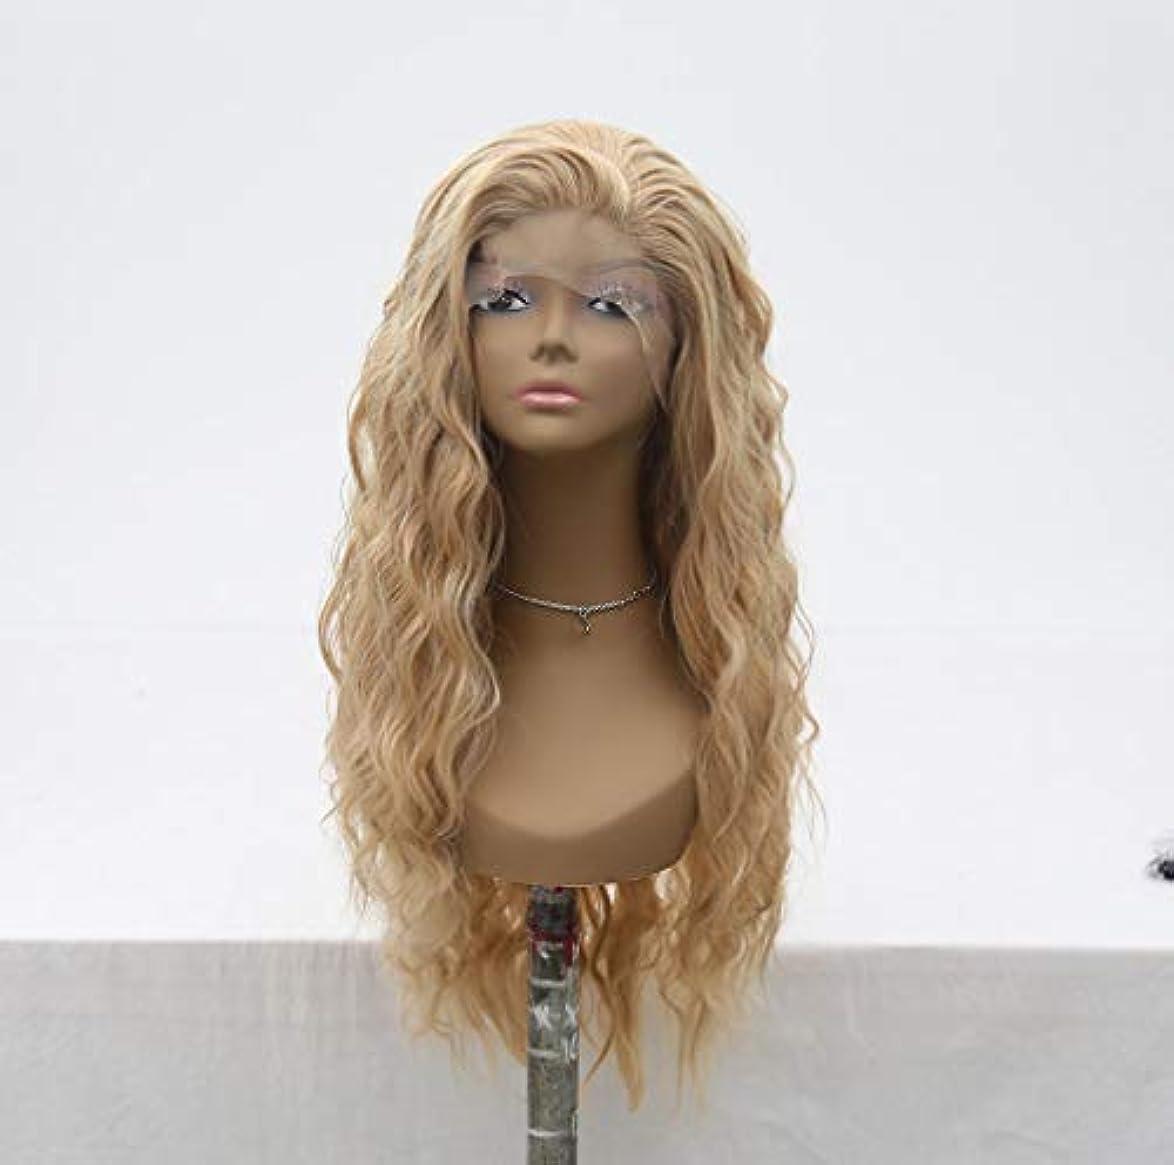 構成員信頼変える女性150%密度フロントレースカーリーウィッグ人毛ブラジル耐熱合成ロングウィッグ